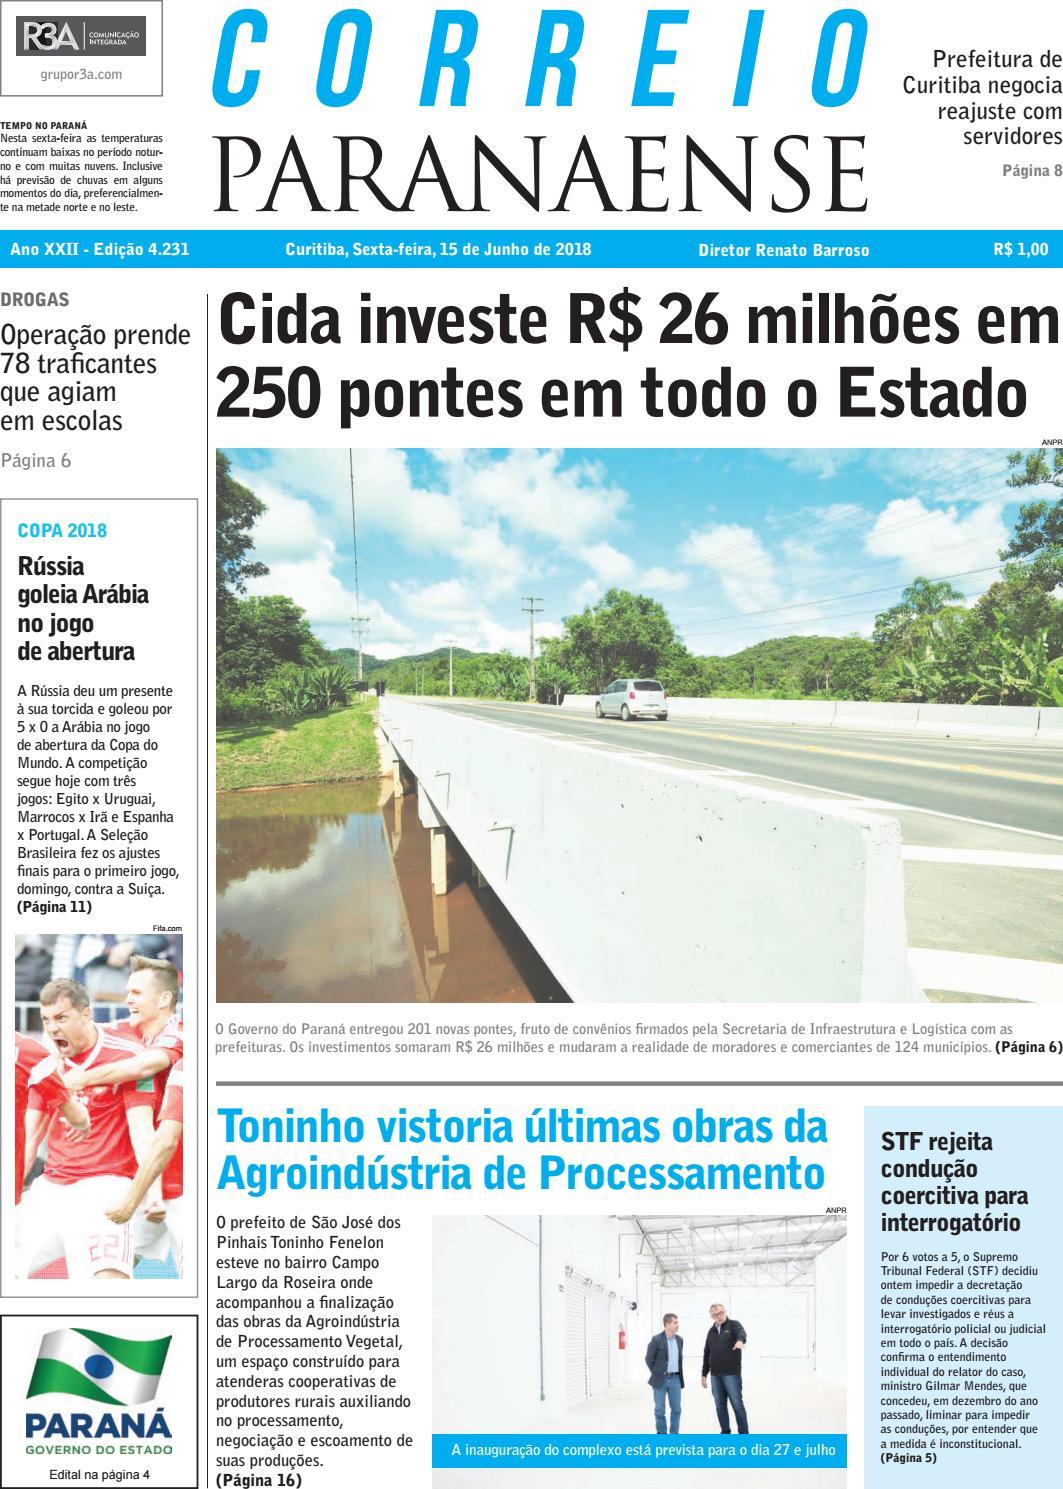 73c7c2df43 Correio Paranaense - 15 06 18 by Editora Correio Paranaense - issuu